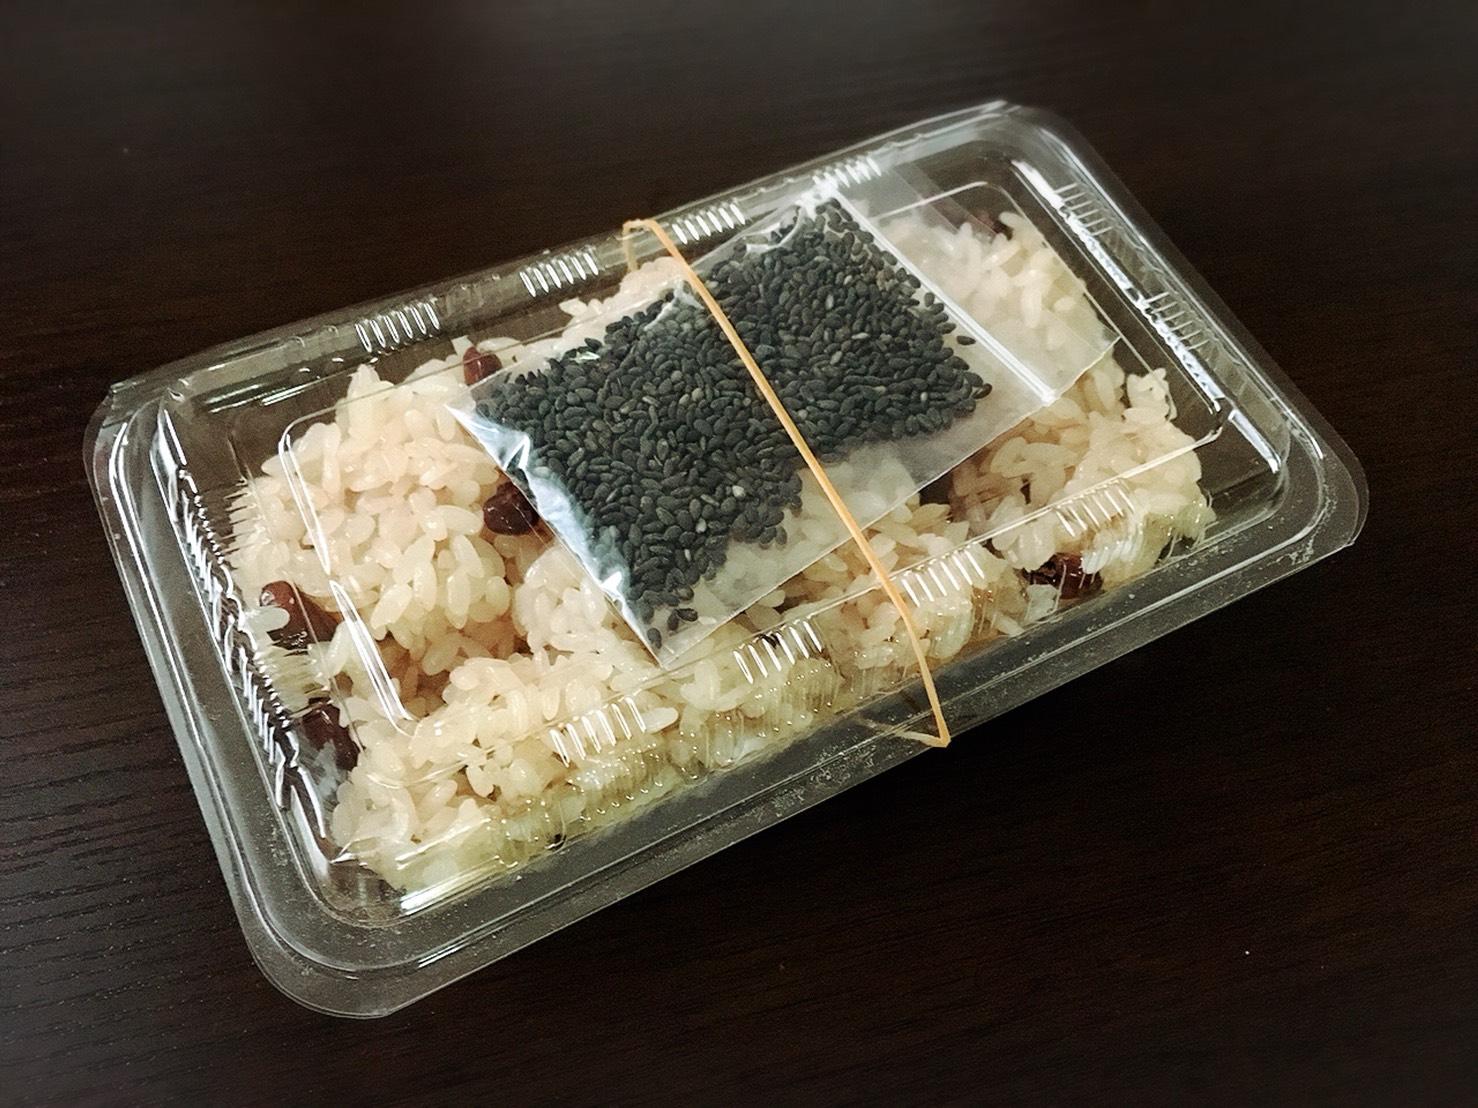 【大塚駅】もなか屋さん「千成もなか本舗」の200円のパンケーキのお赤飯